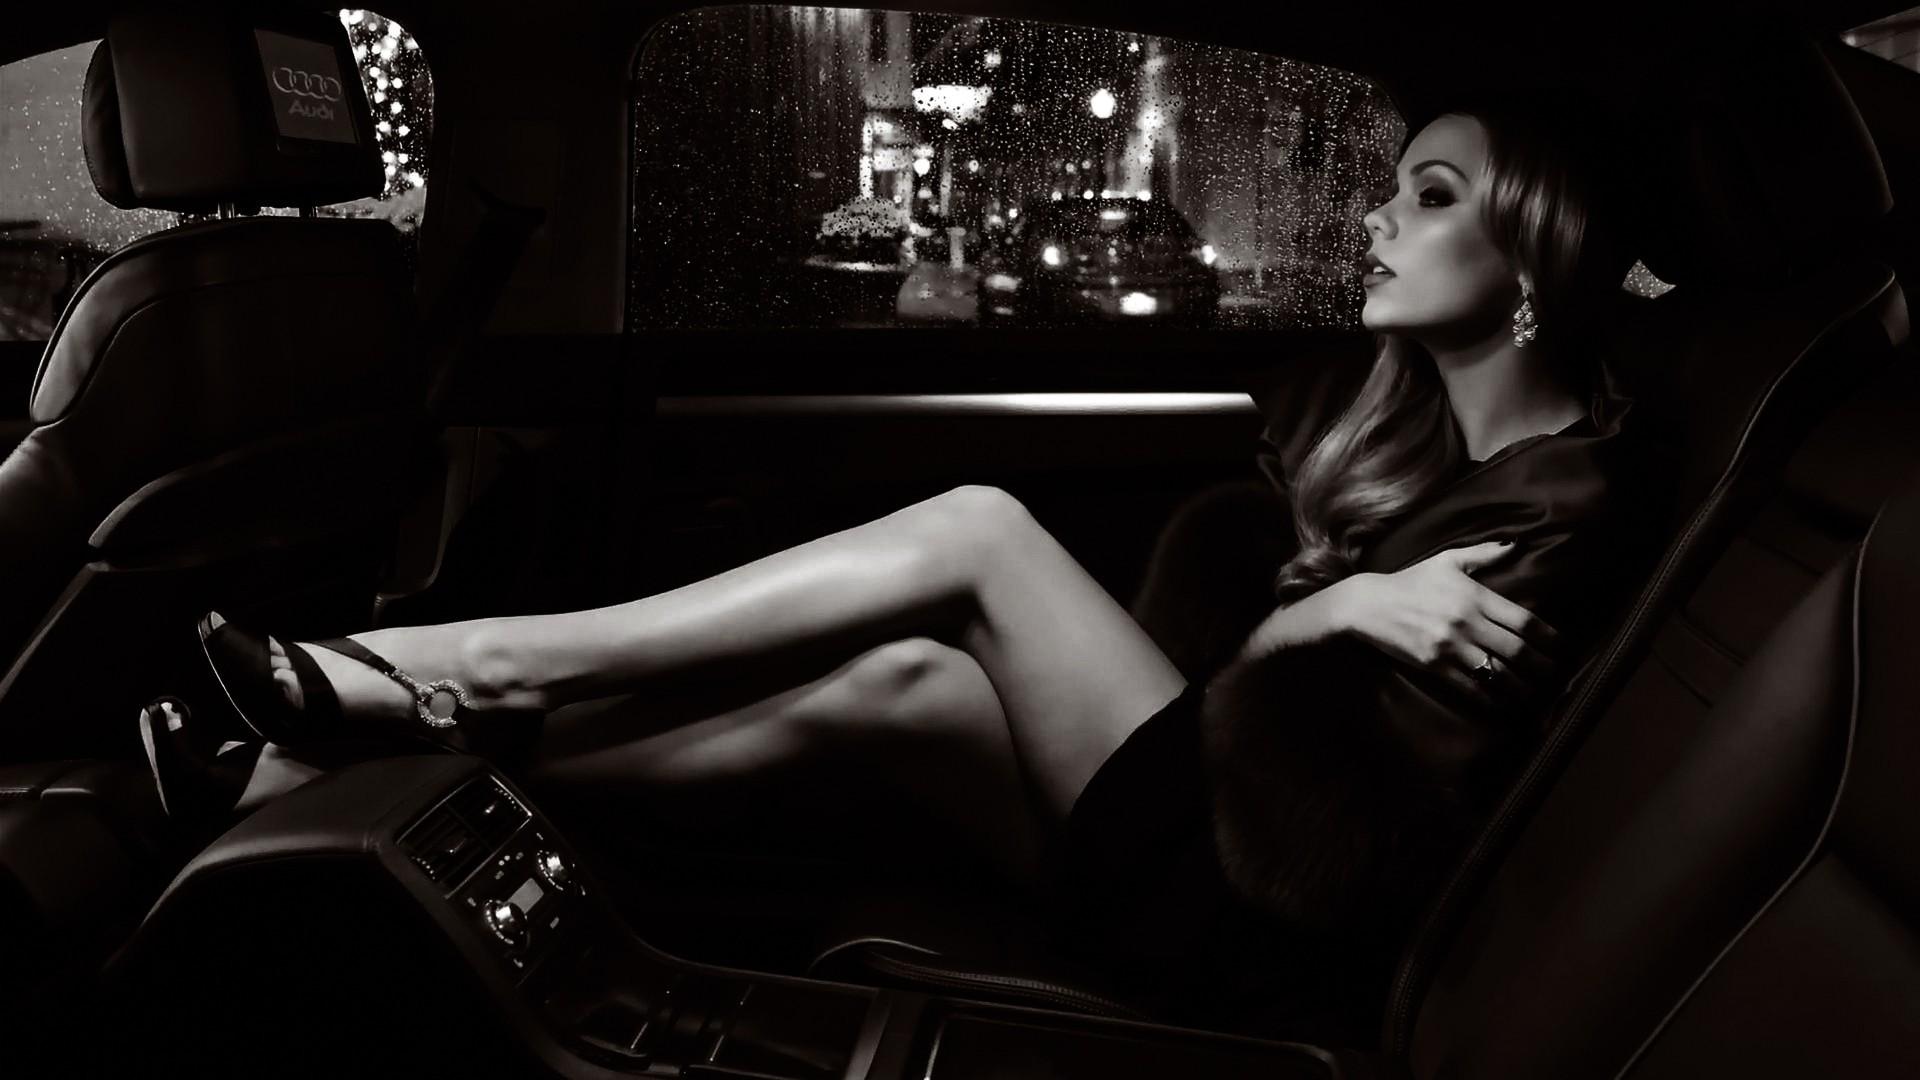 девушка на заднем сиденье